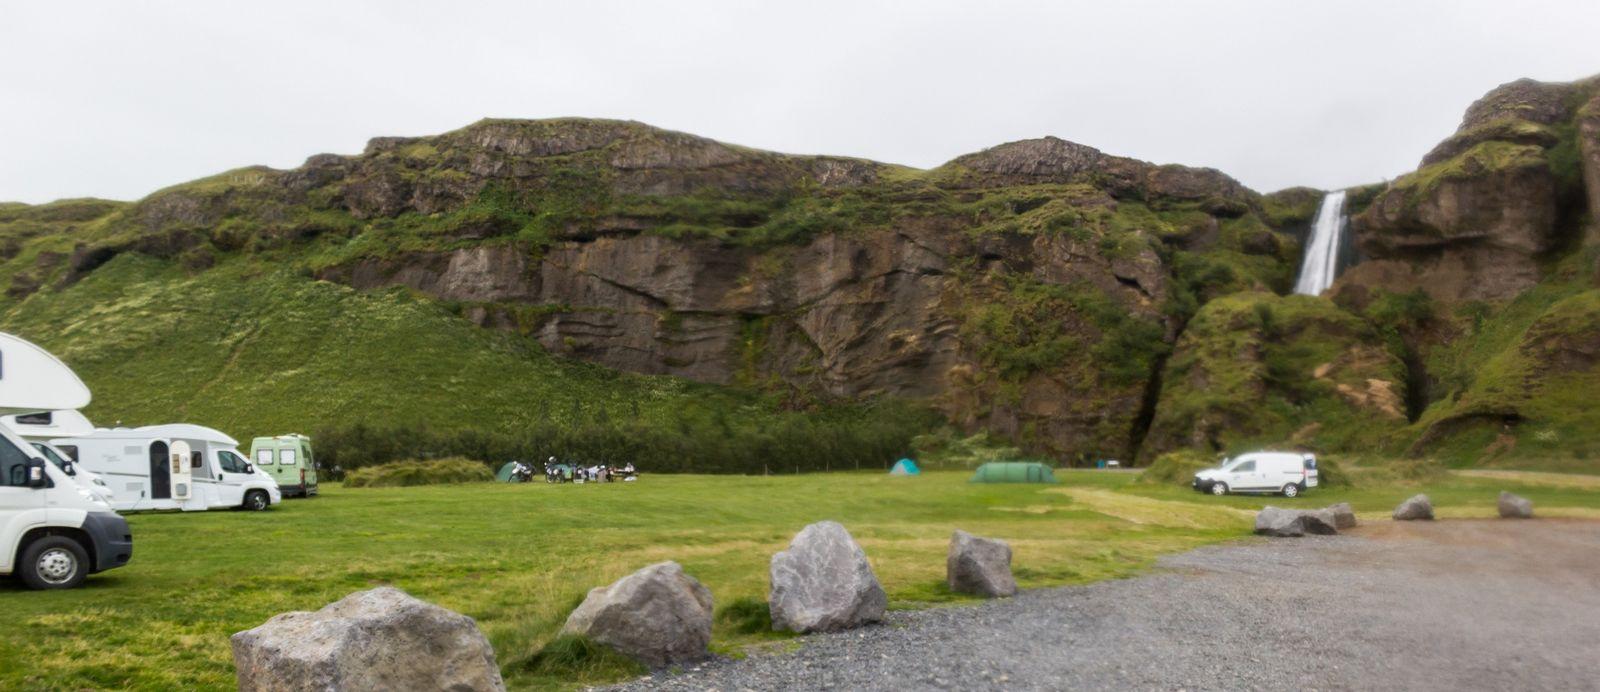 Un camping literalmente a los pies de Gljufrafoss